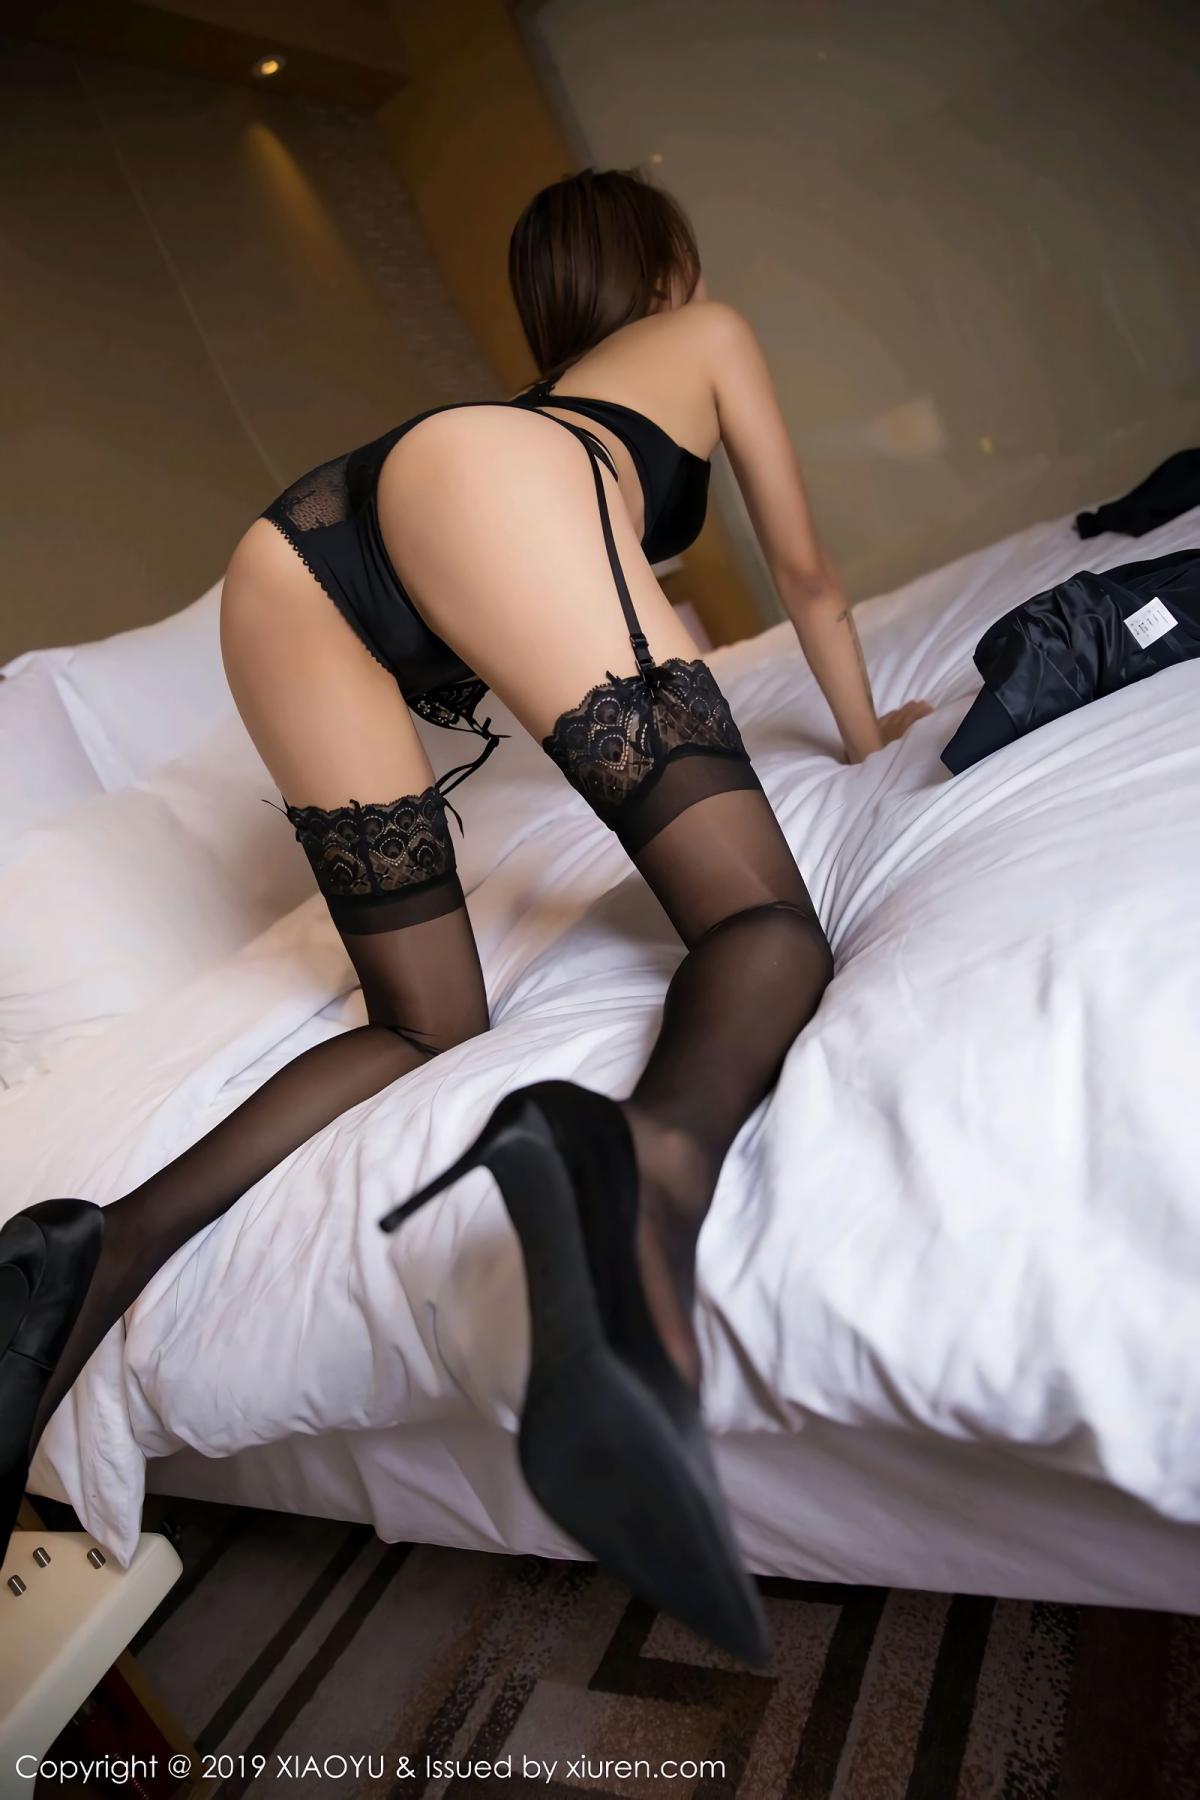 [XiaoYu] Vol.037 Miko Jiang 36P, Miko Jiang, Slim, Tall, Underwear, XiaoYu